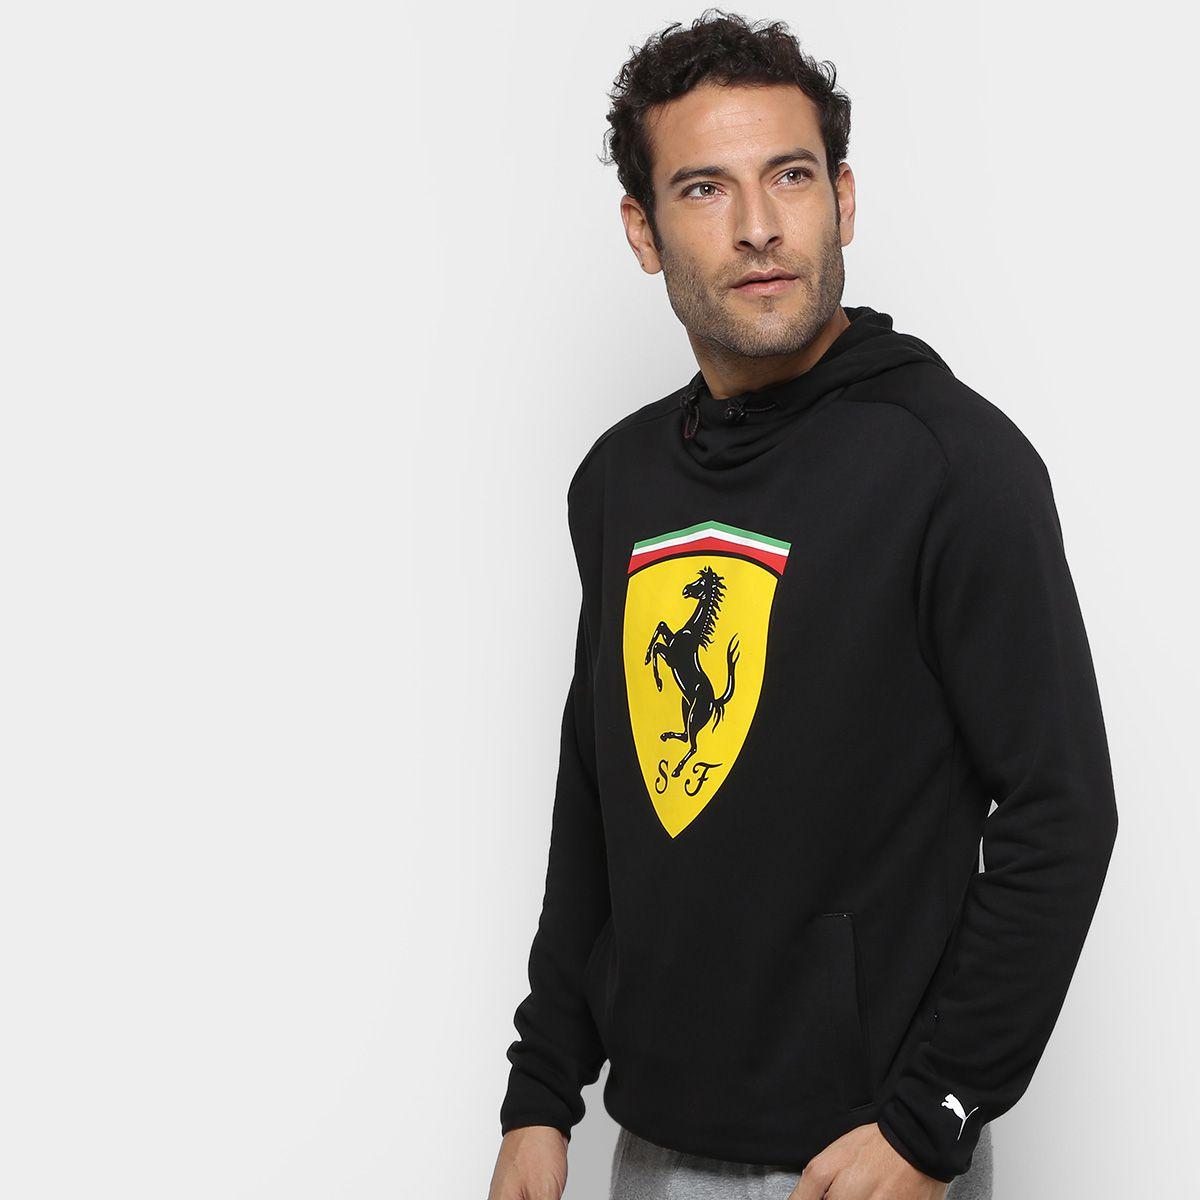 Casaco Moletom Puma Ferrari Scuderia Big Shield Sweat c  Capuz Masculino -  Preto - Titanes Esportes 3e44c1f2701